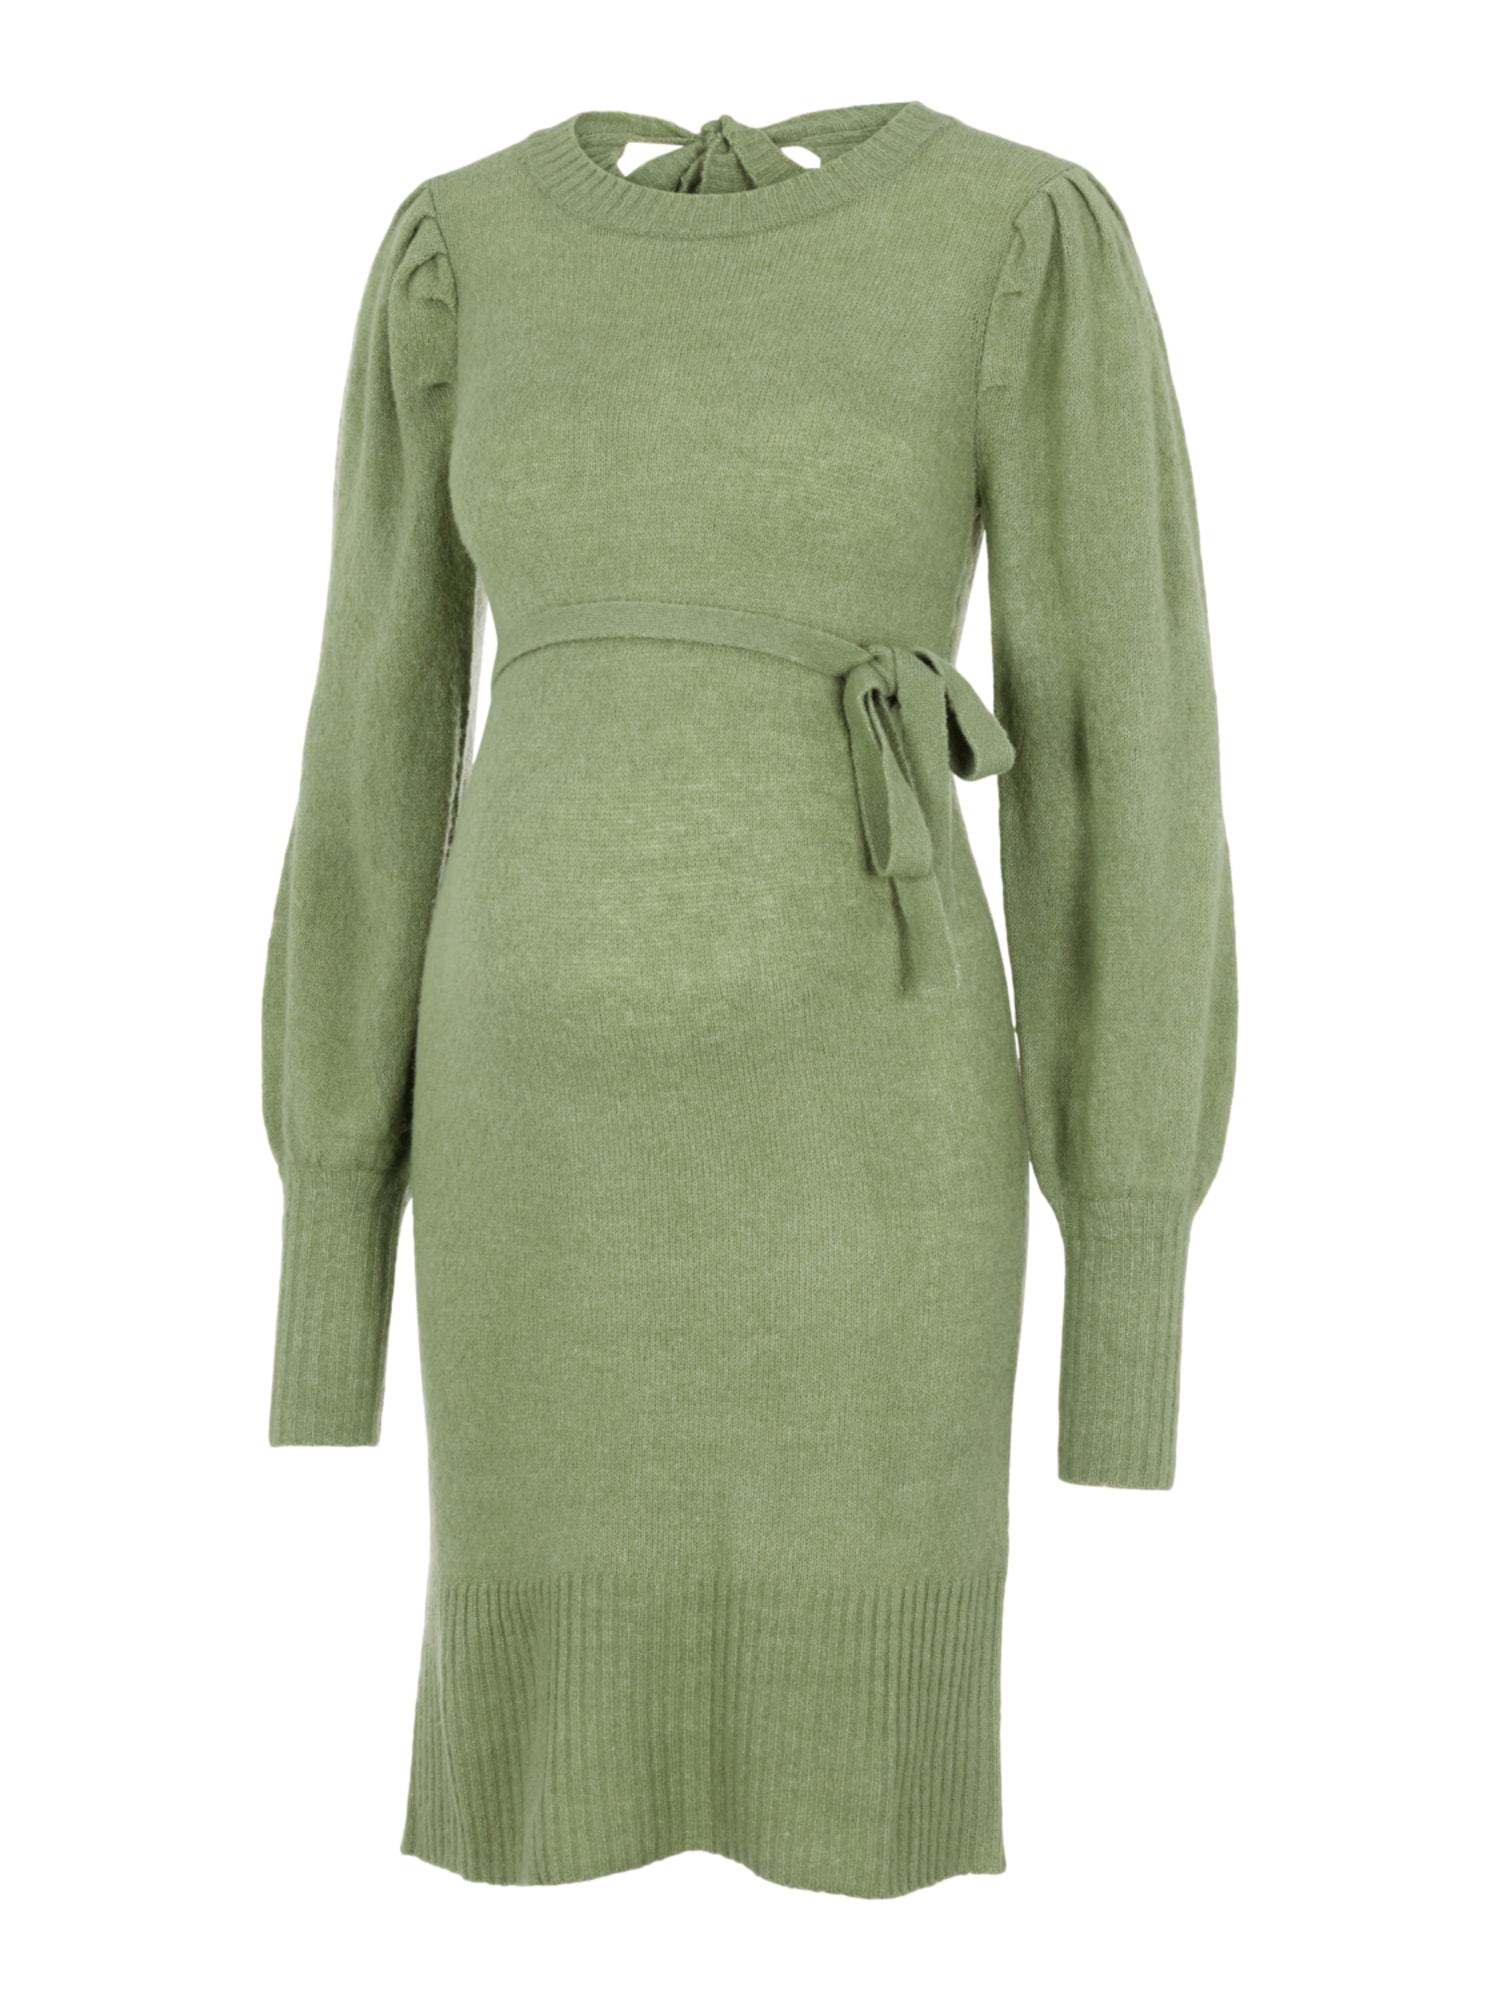 MAMALICIOUS Megzta suknelė 'Neva' žolės žalia